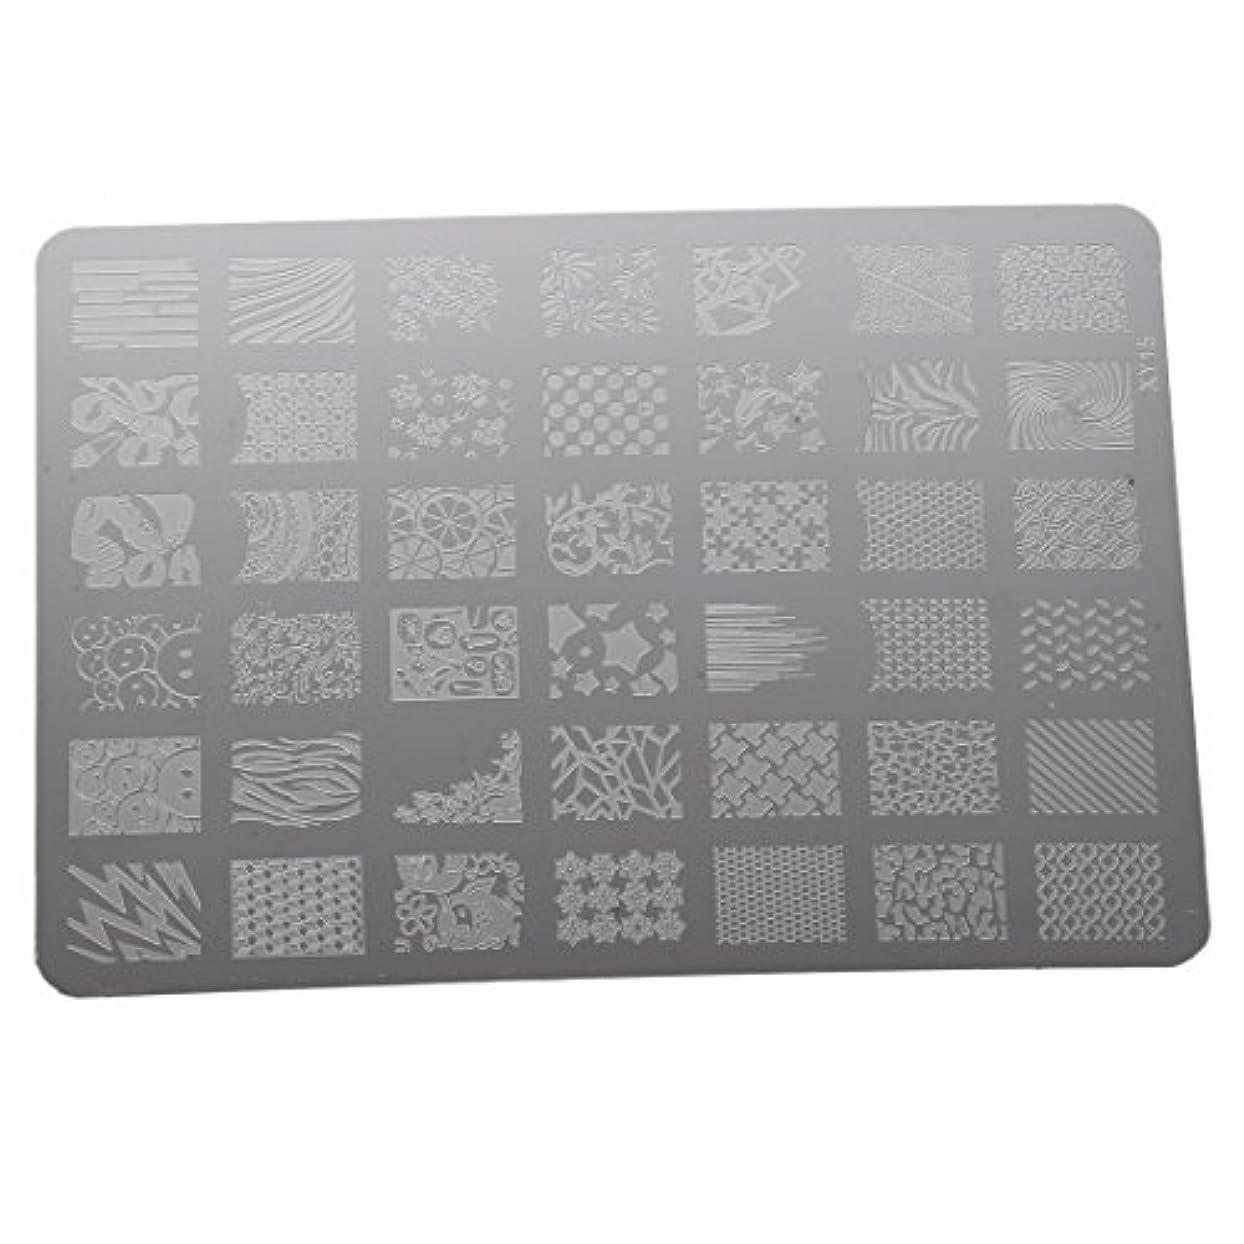 ここに溶接便利さRETYLY ネイルスタンピングプリンターマニキュアプレート ネイルデコレーションアートスタンプイメージプレート XY15